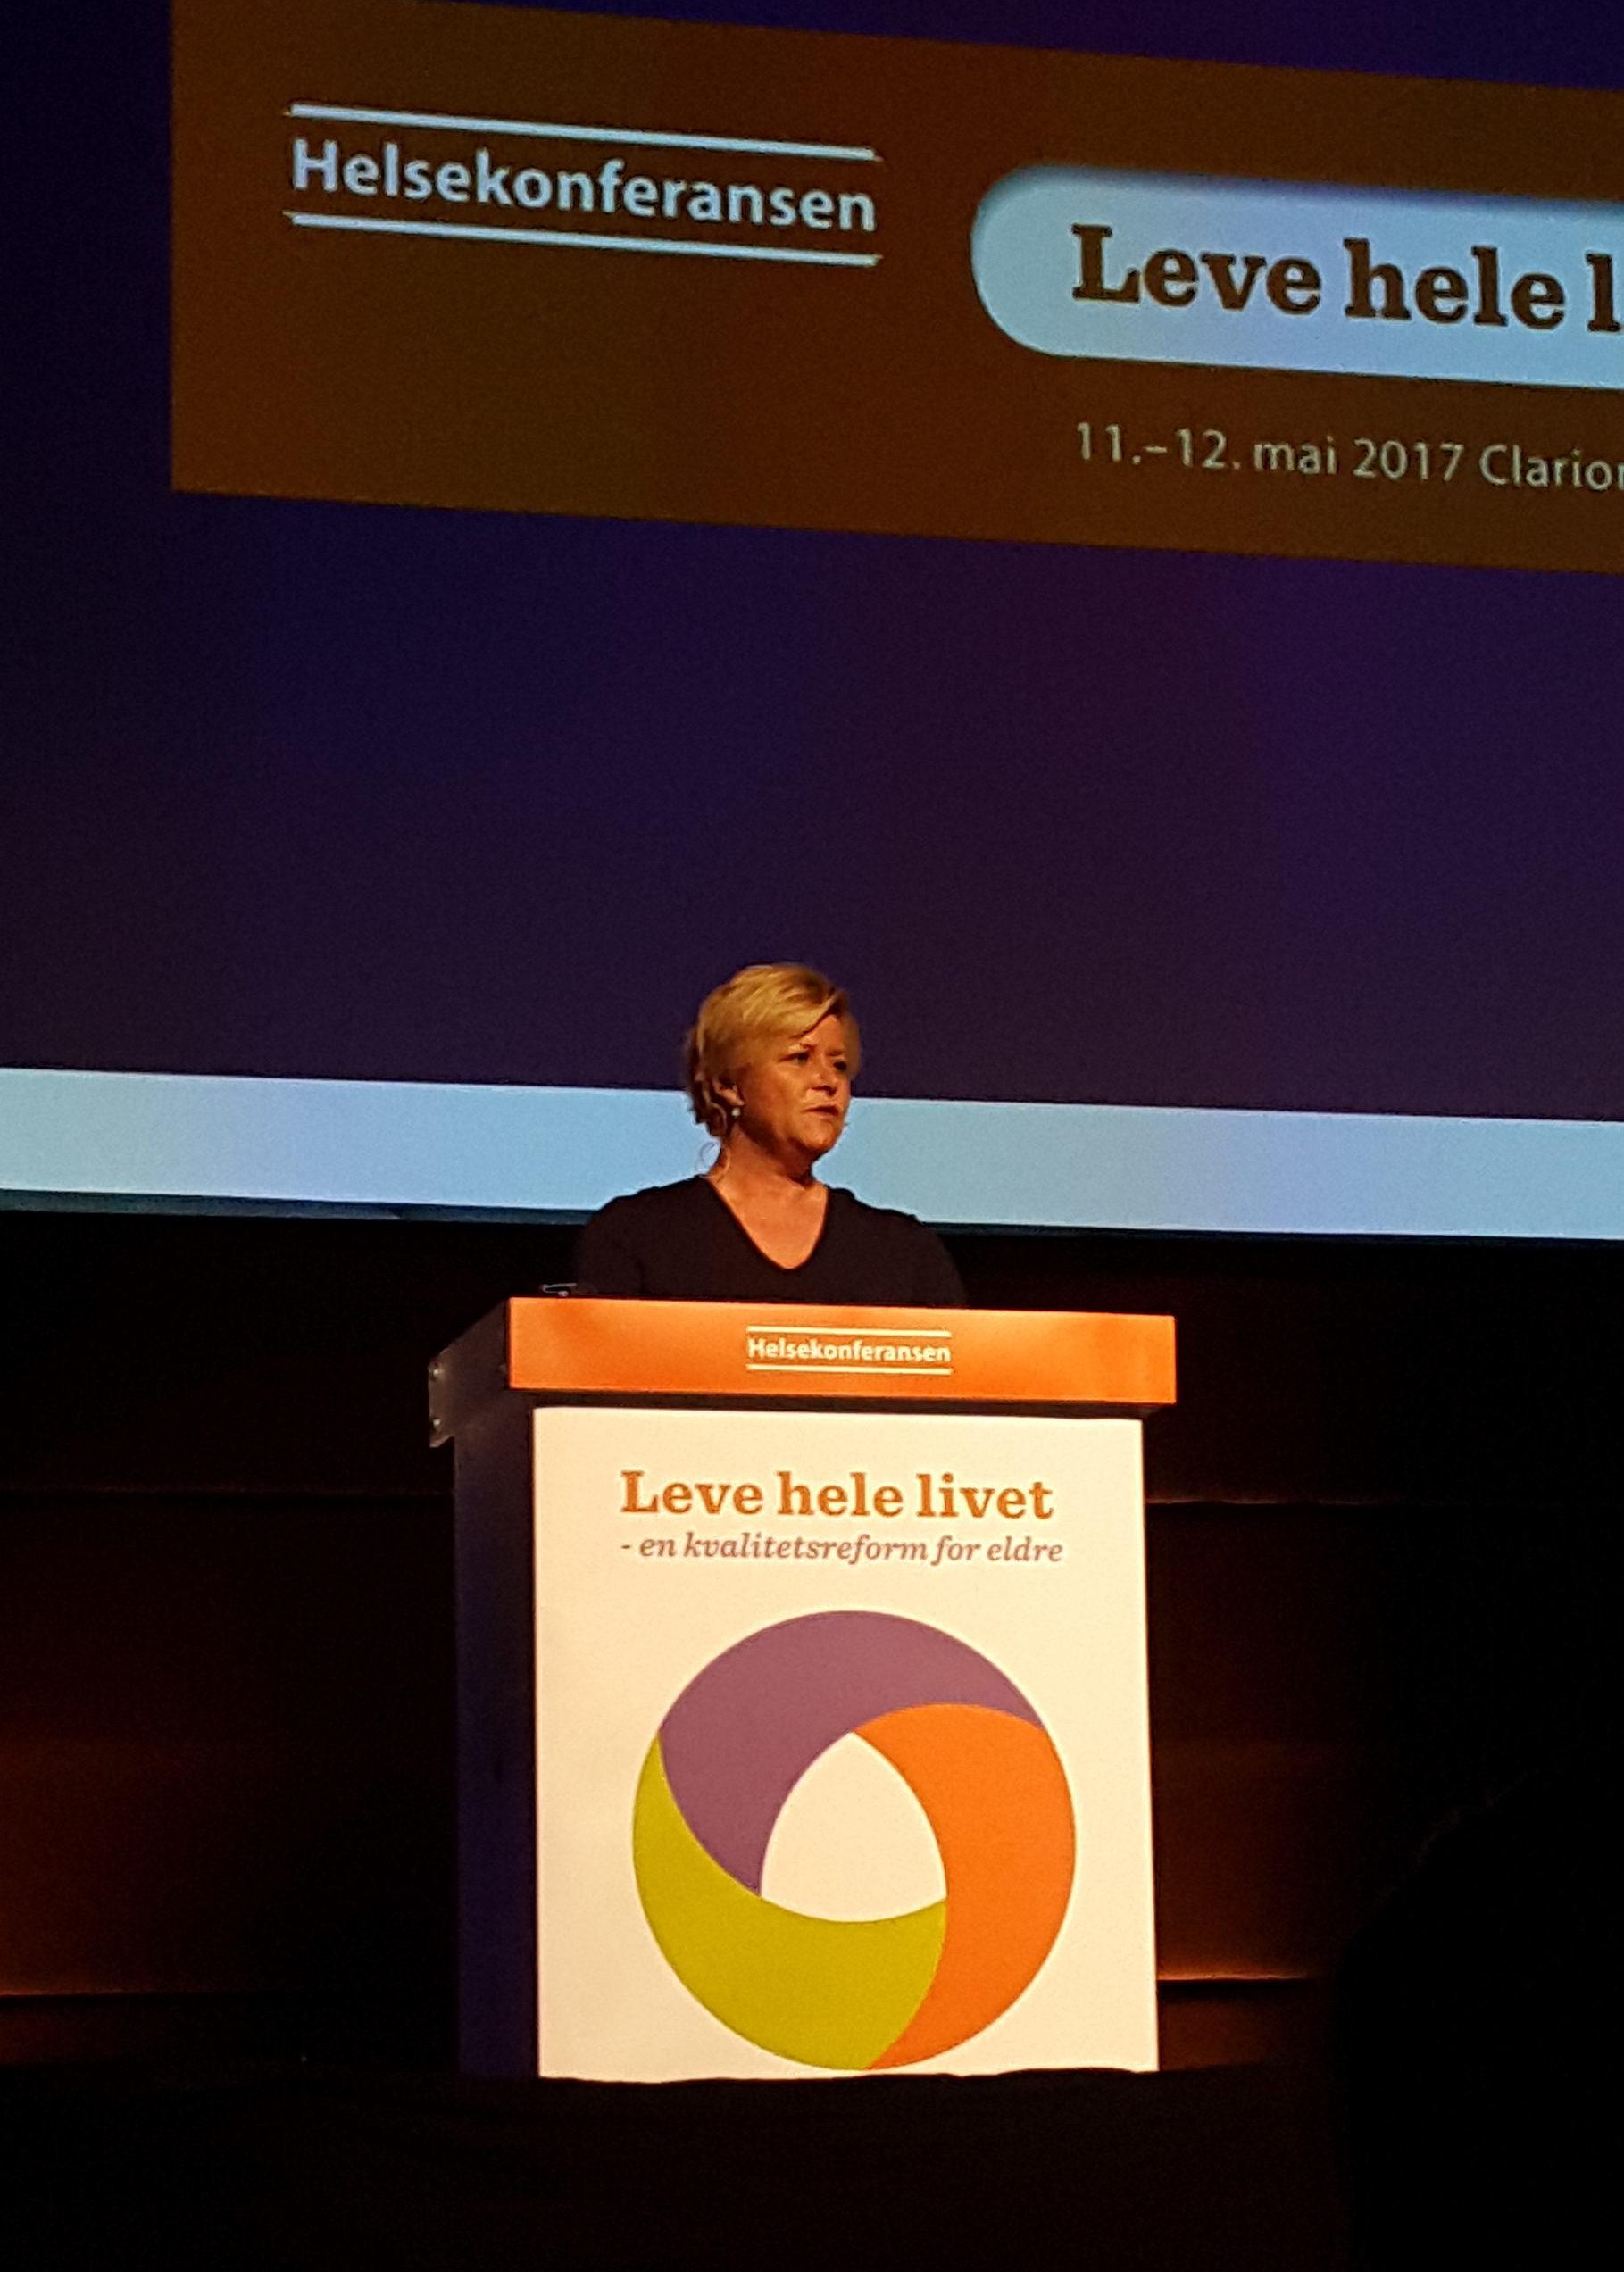 Finansminister Siv Jensen var også med